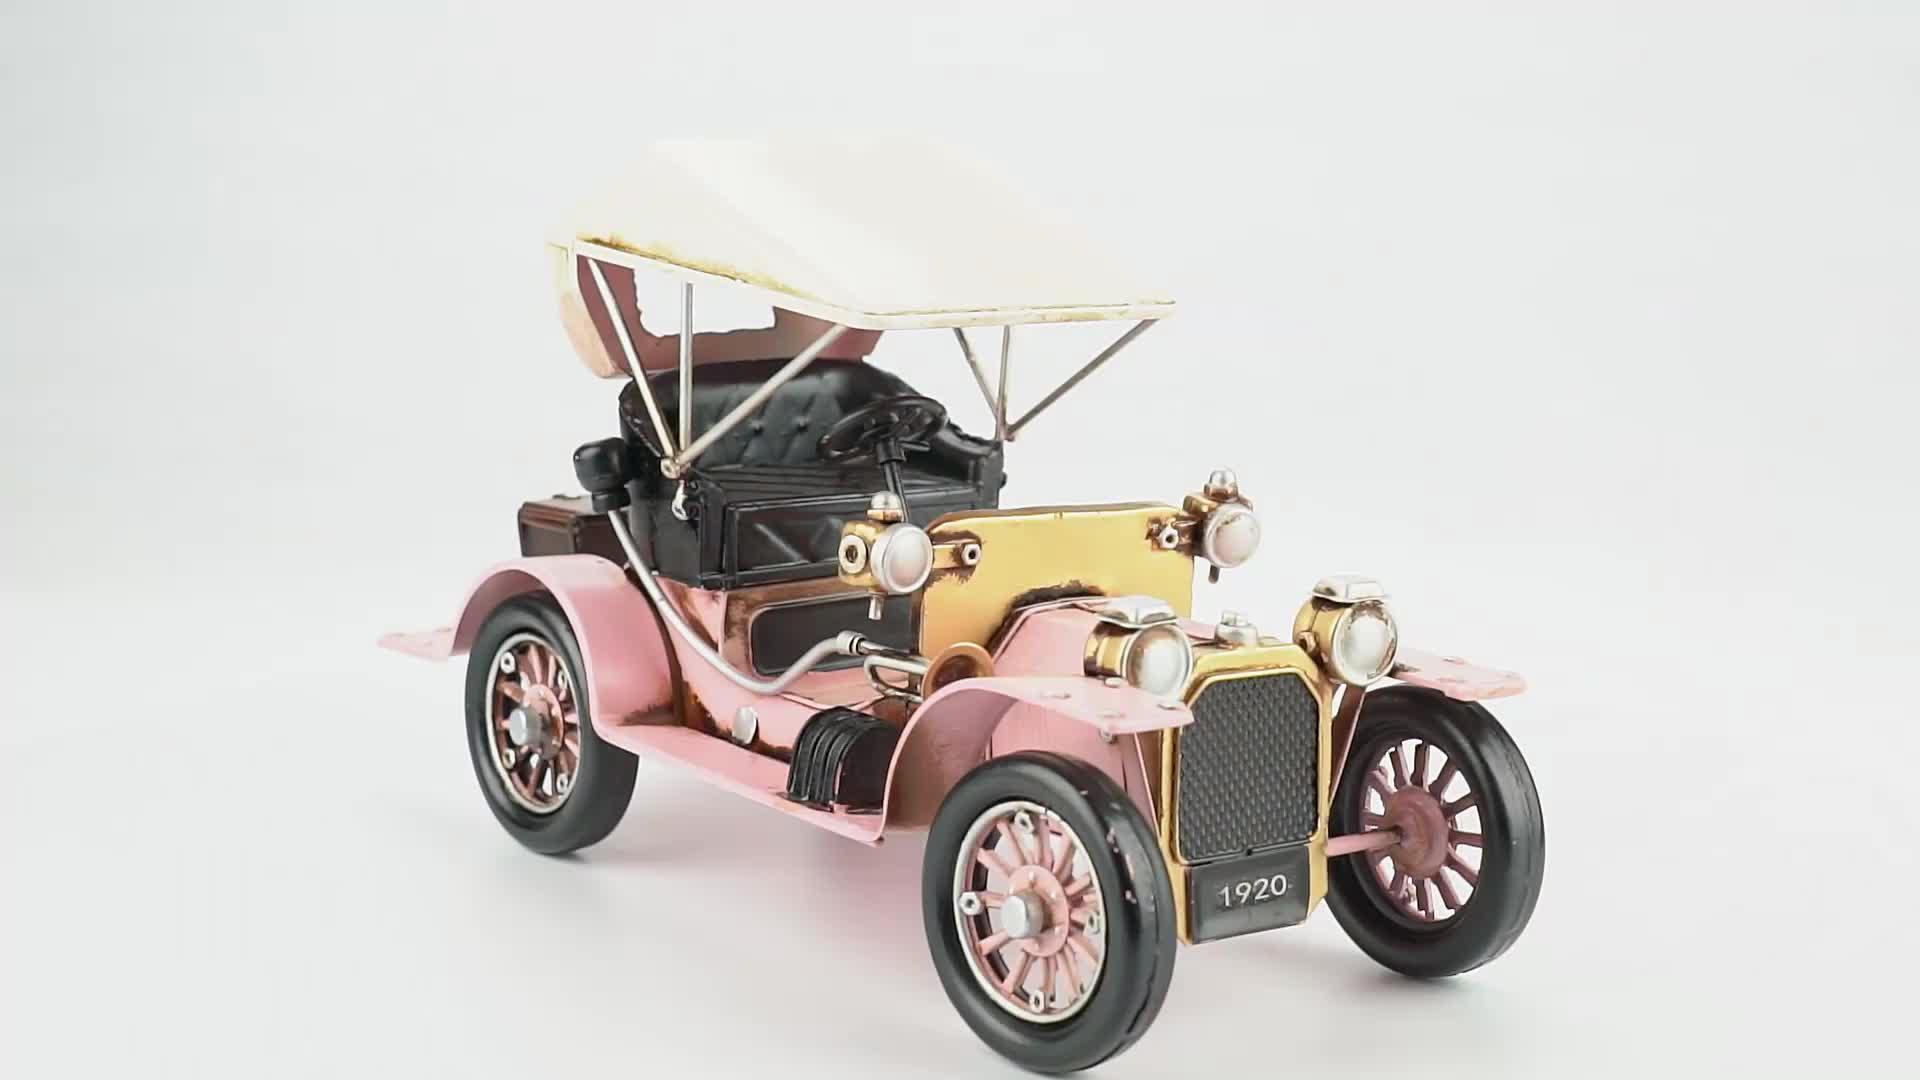 Voiture véhicules en métal vintage artisanat jouet moulé sous pression modèle de voiture pour la décoration (SDMC1010) modèles de voitures rétro